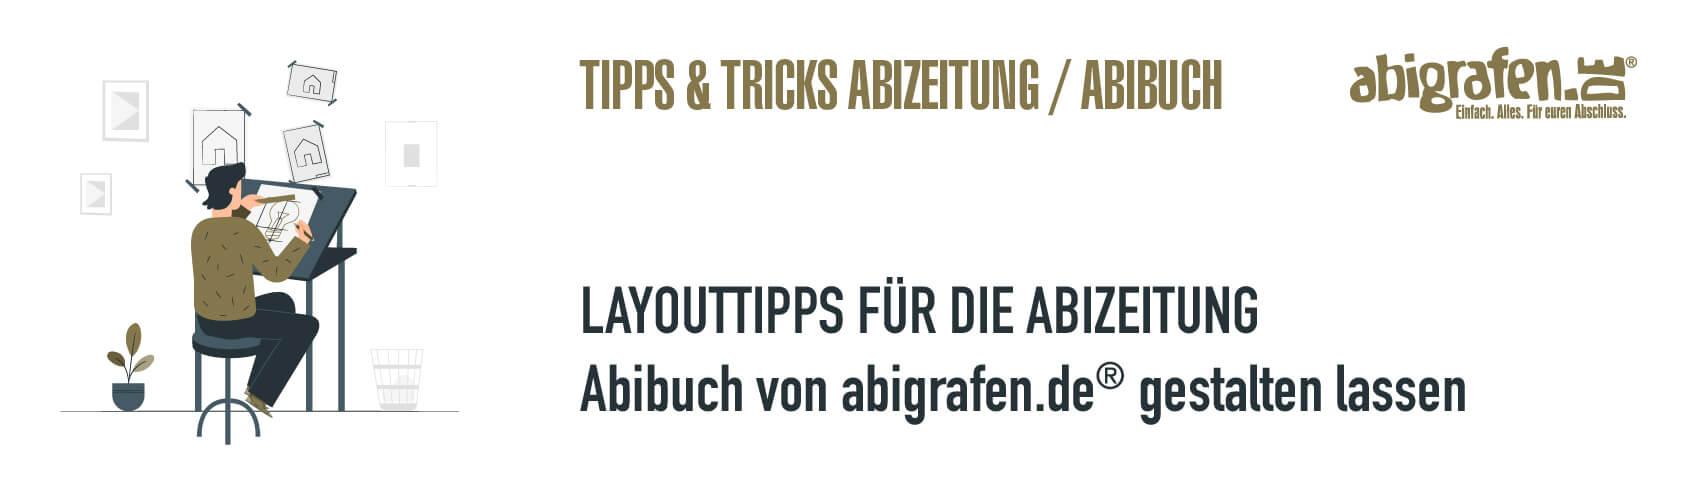 abigrafen-abizeitung-tipps-und-tricks-layout-gestatungsservice